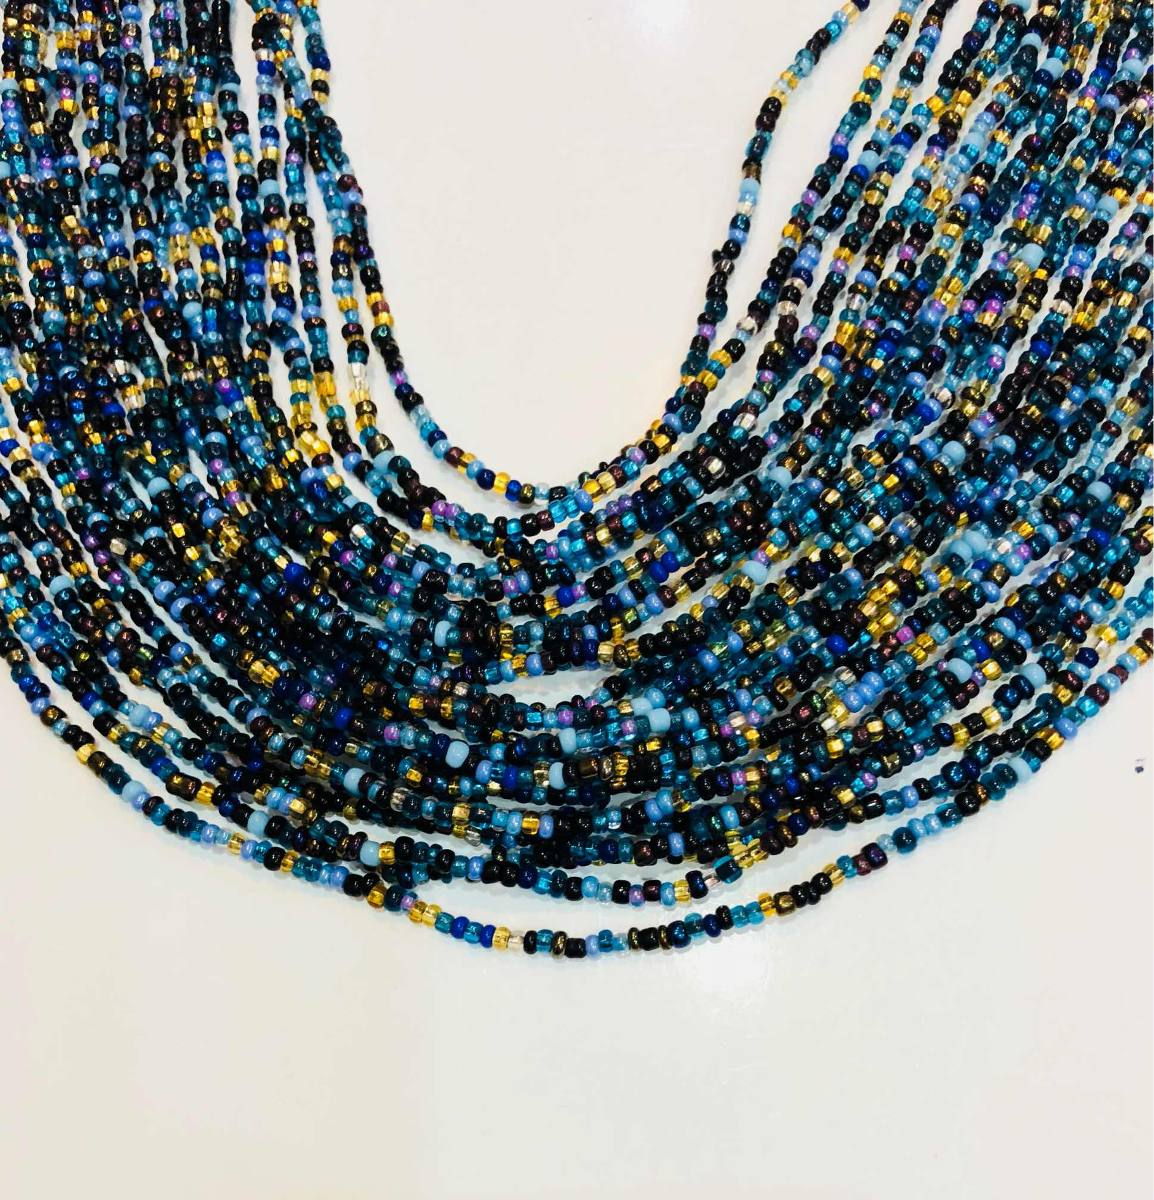 677147742e69 collar artesanal azul accesorios moda dama joyería bisuteria. Cargando zoom.